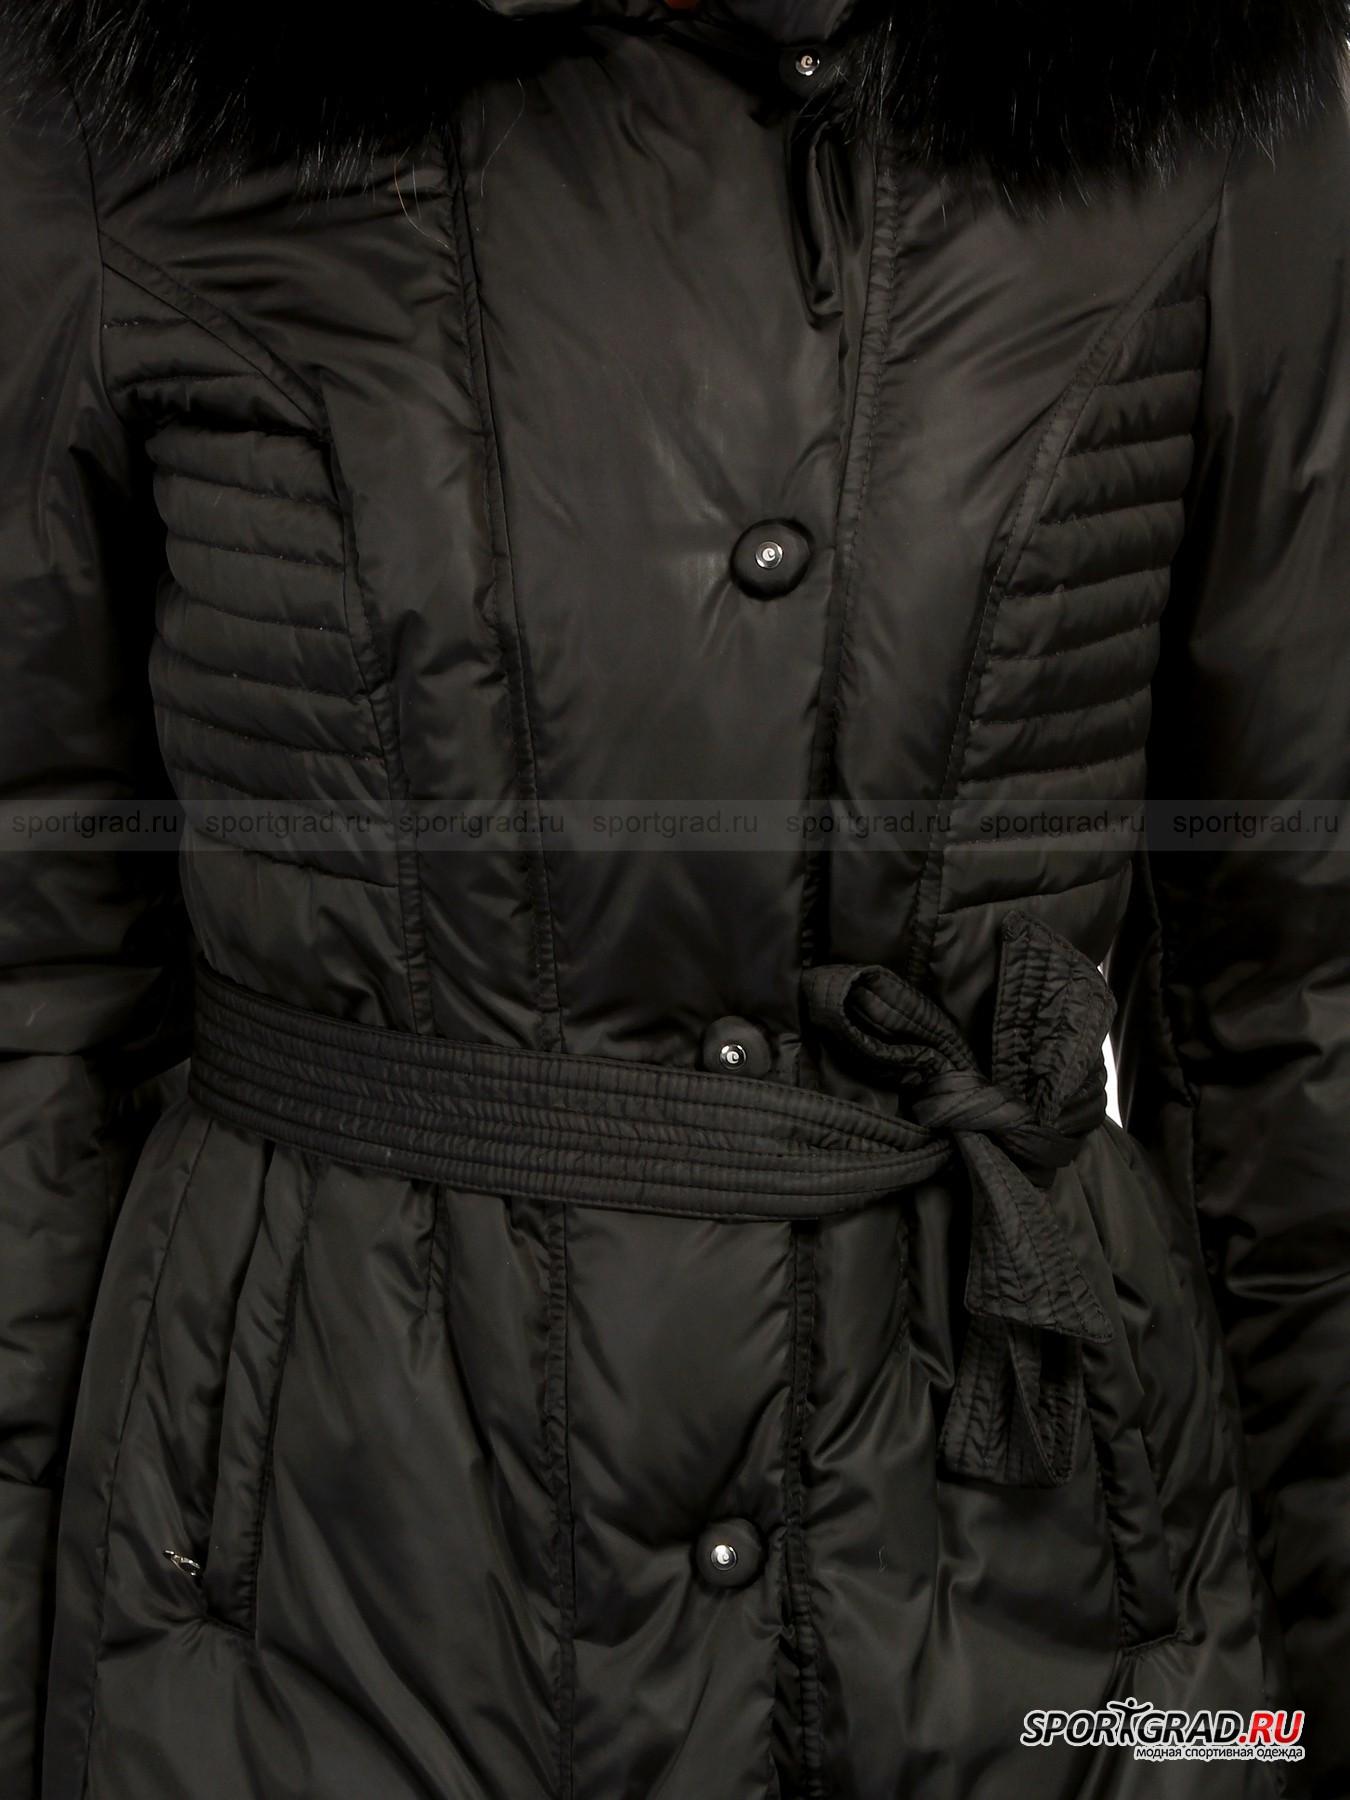 Пальто женское Heros CINELLI STUDIO от Спортград